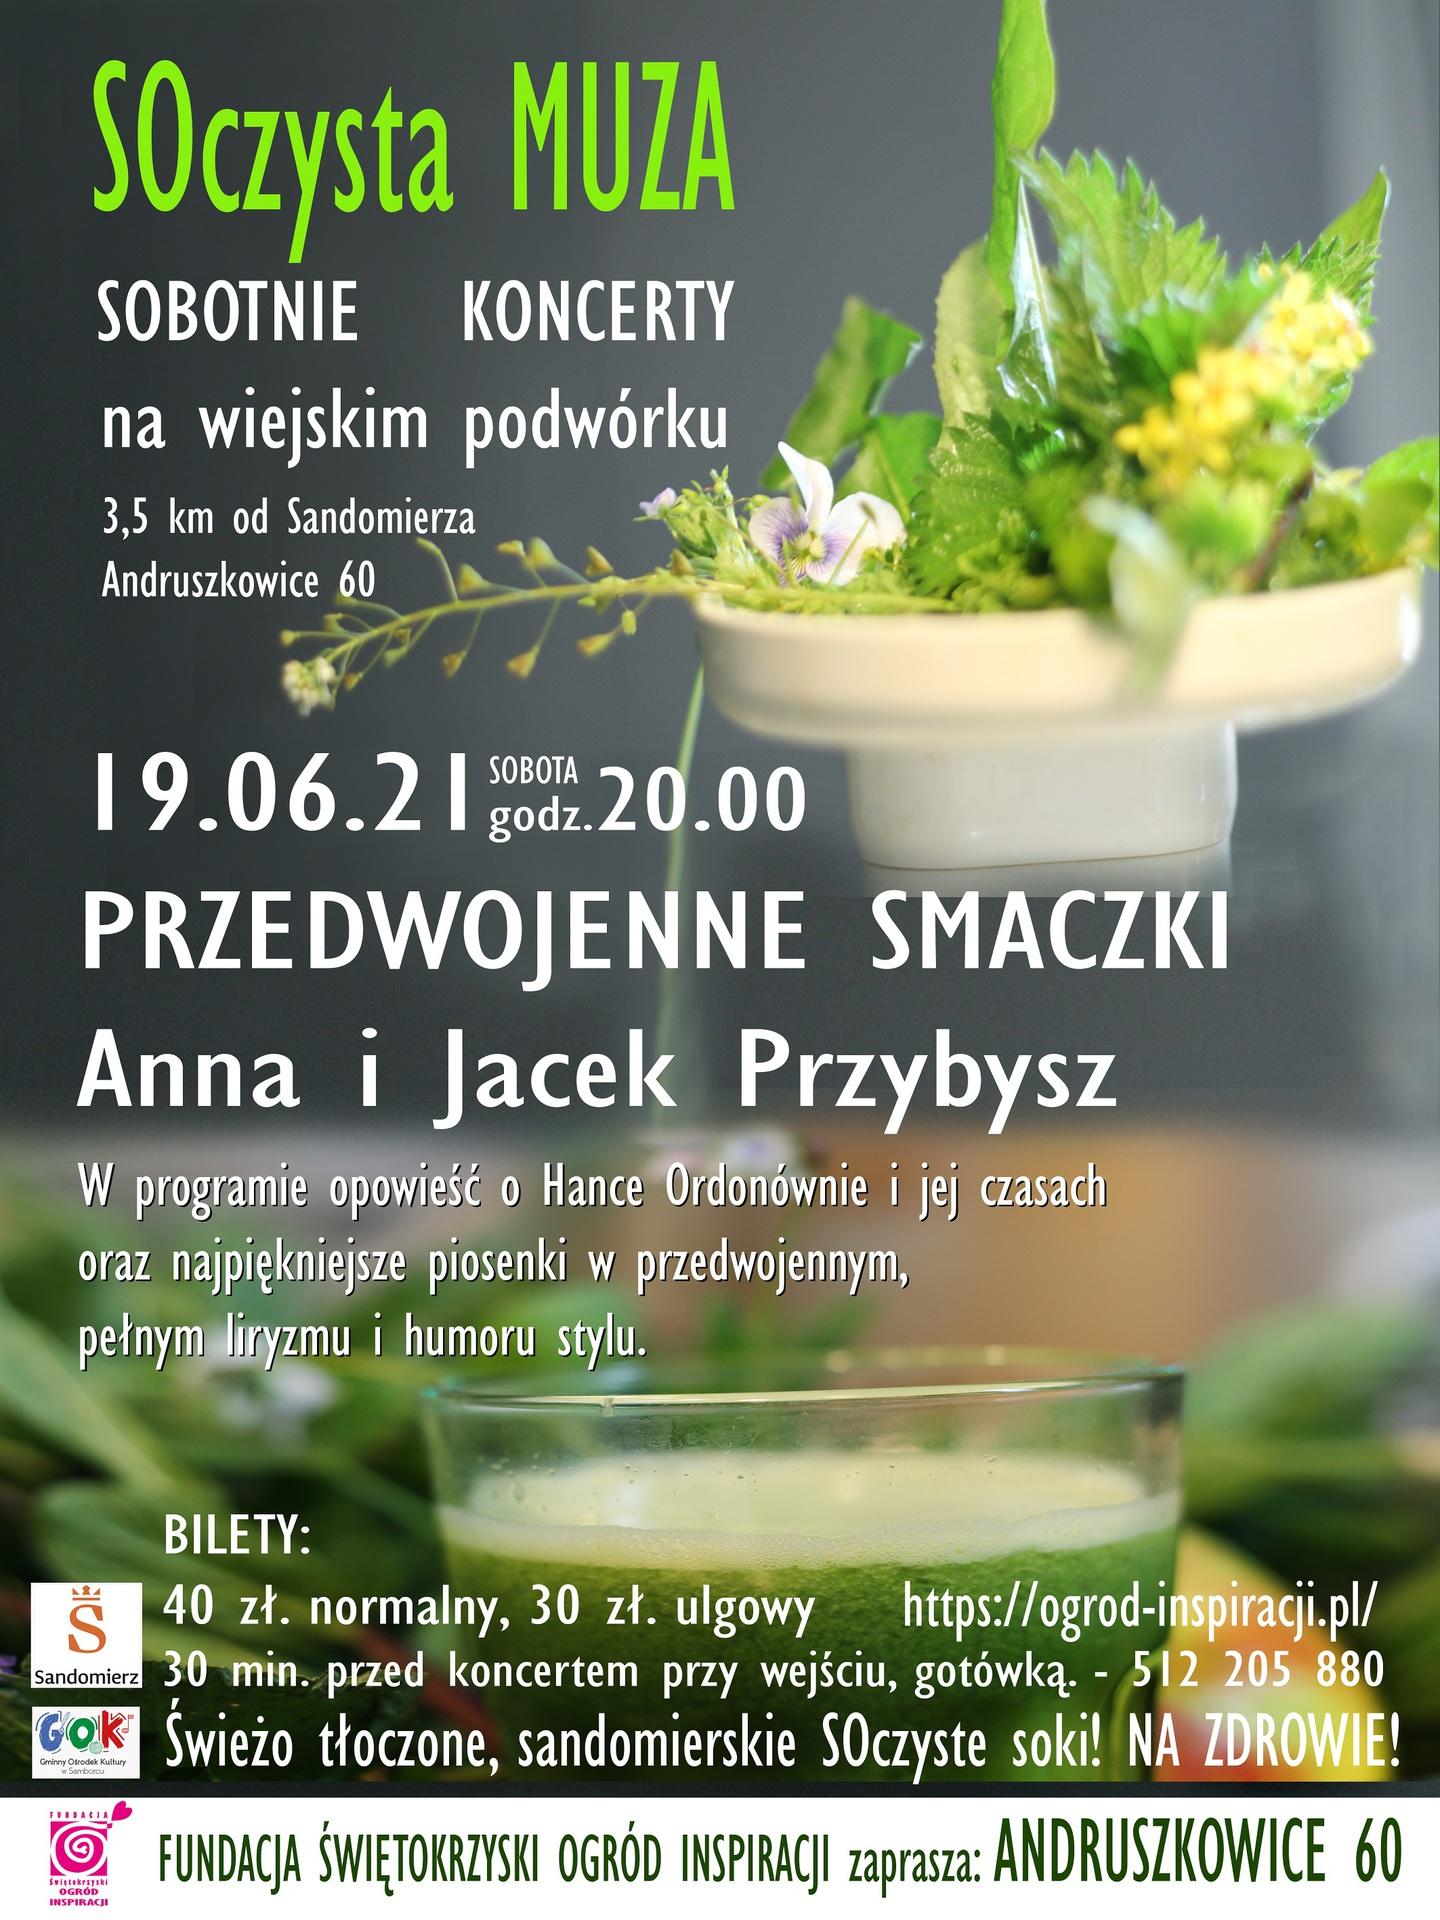 PLAKAT19.06 Przeedwojenne Smaczki z logami Samborca i Sandomierz.jpeg